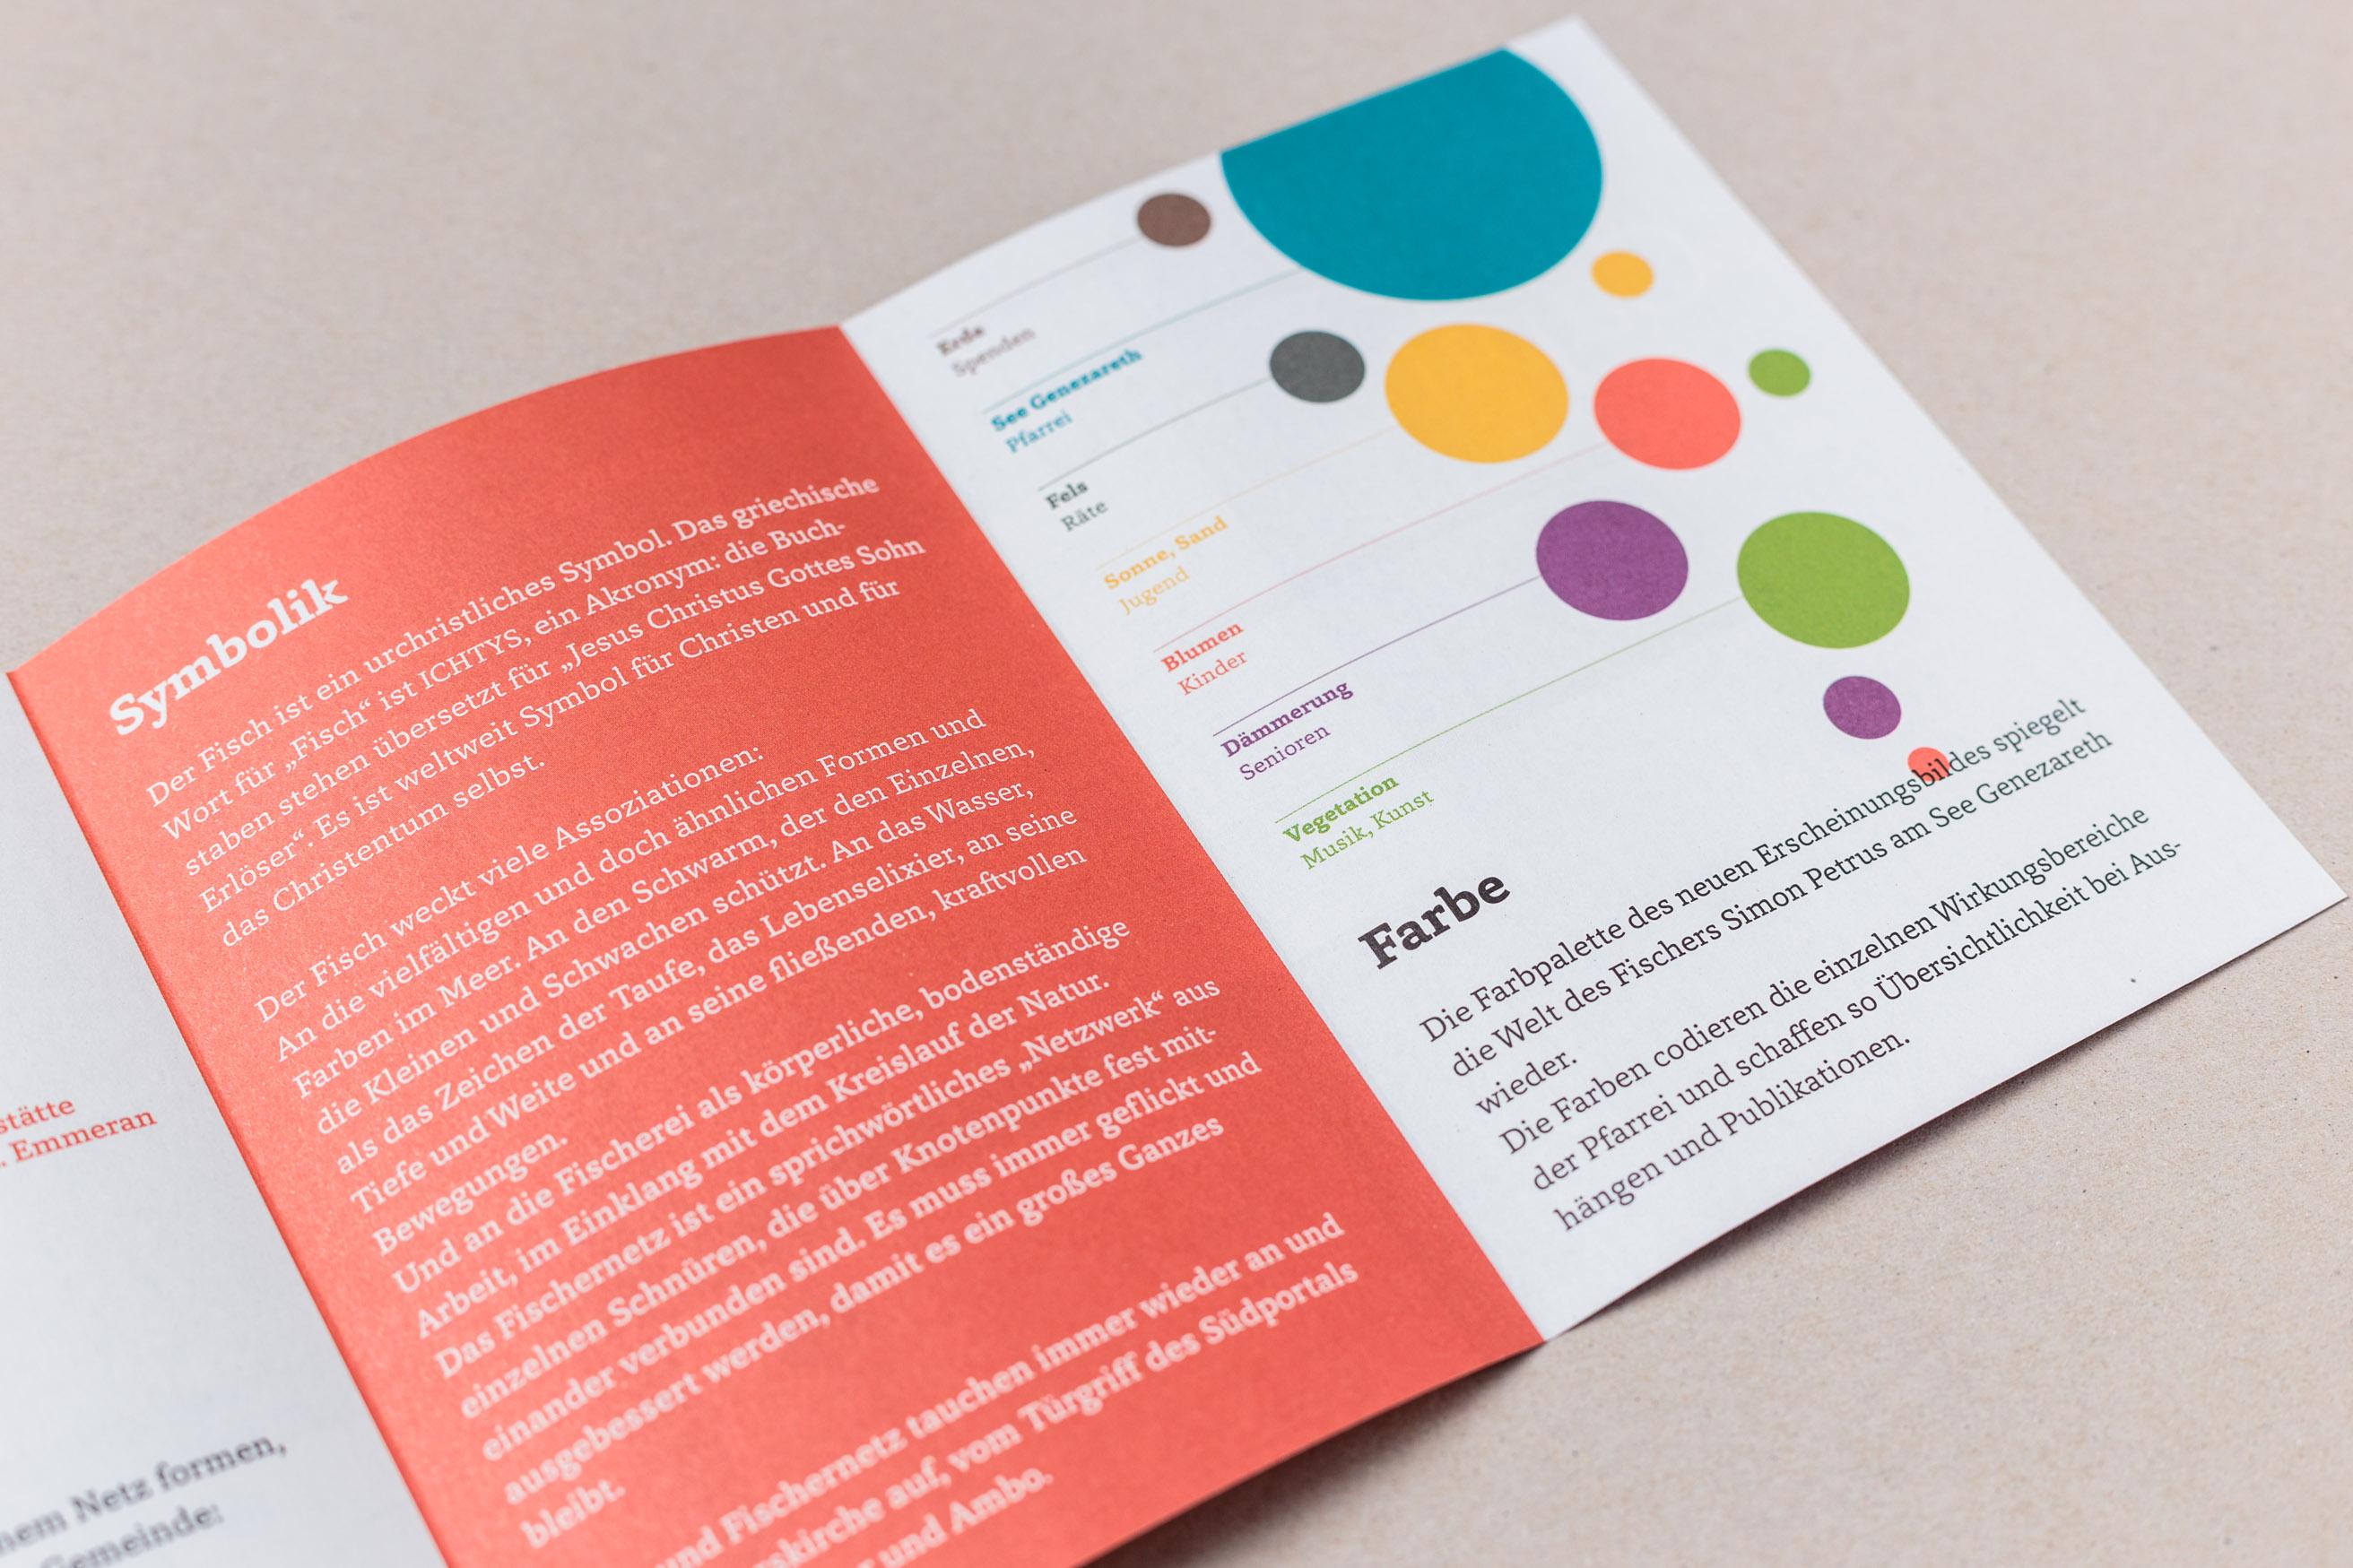 Flyer zu Einführung des neuen Erscheinungsbildes, Gemeinde St. Peter